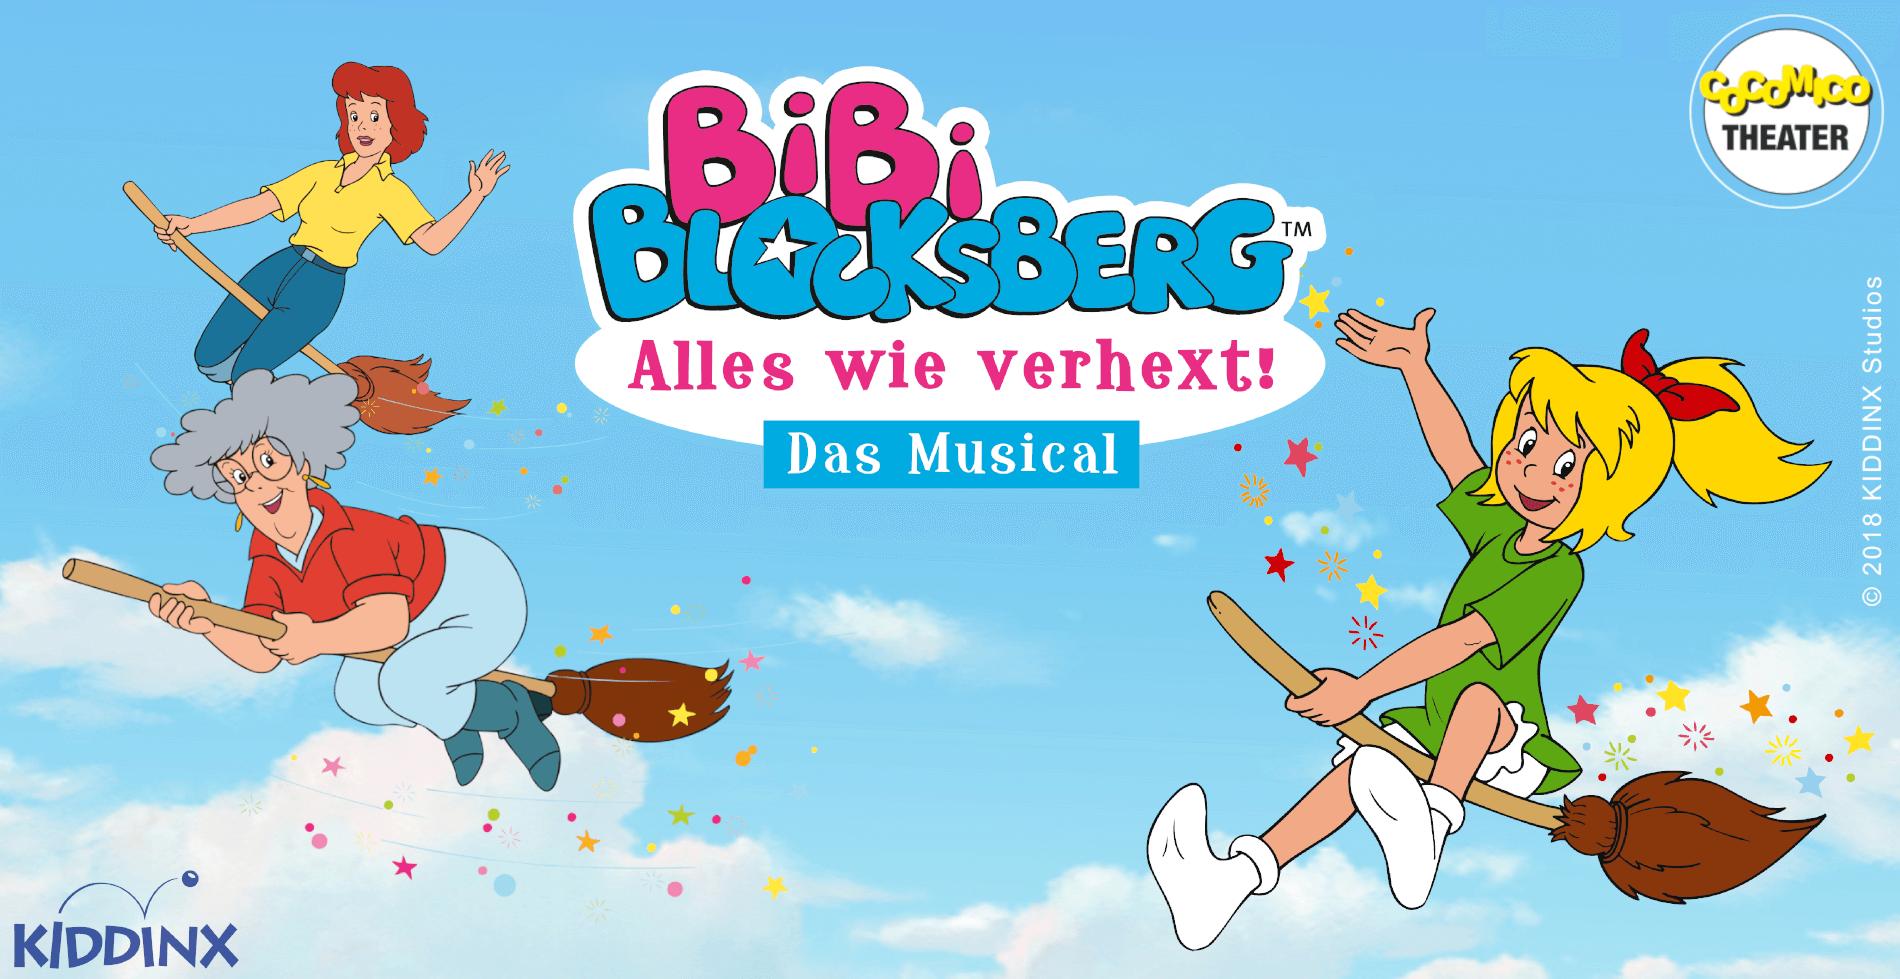 Bibi Blocksberg - Alles wie verhext! Das Musical